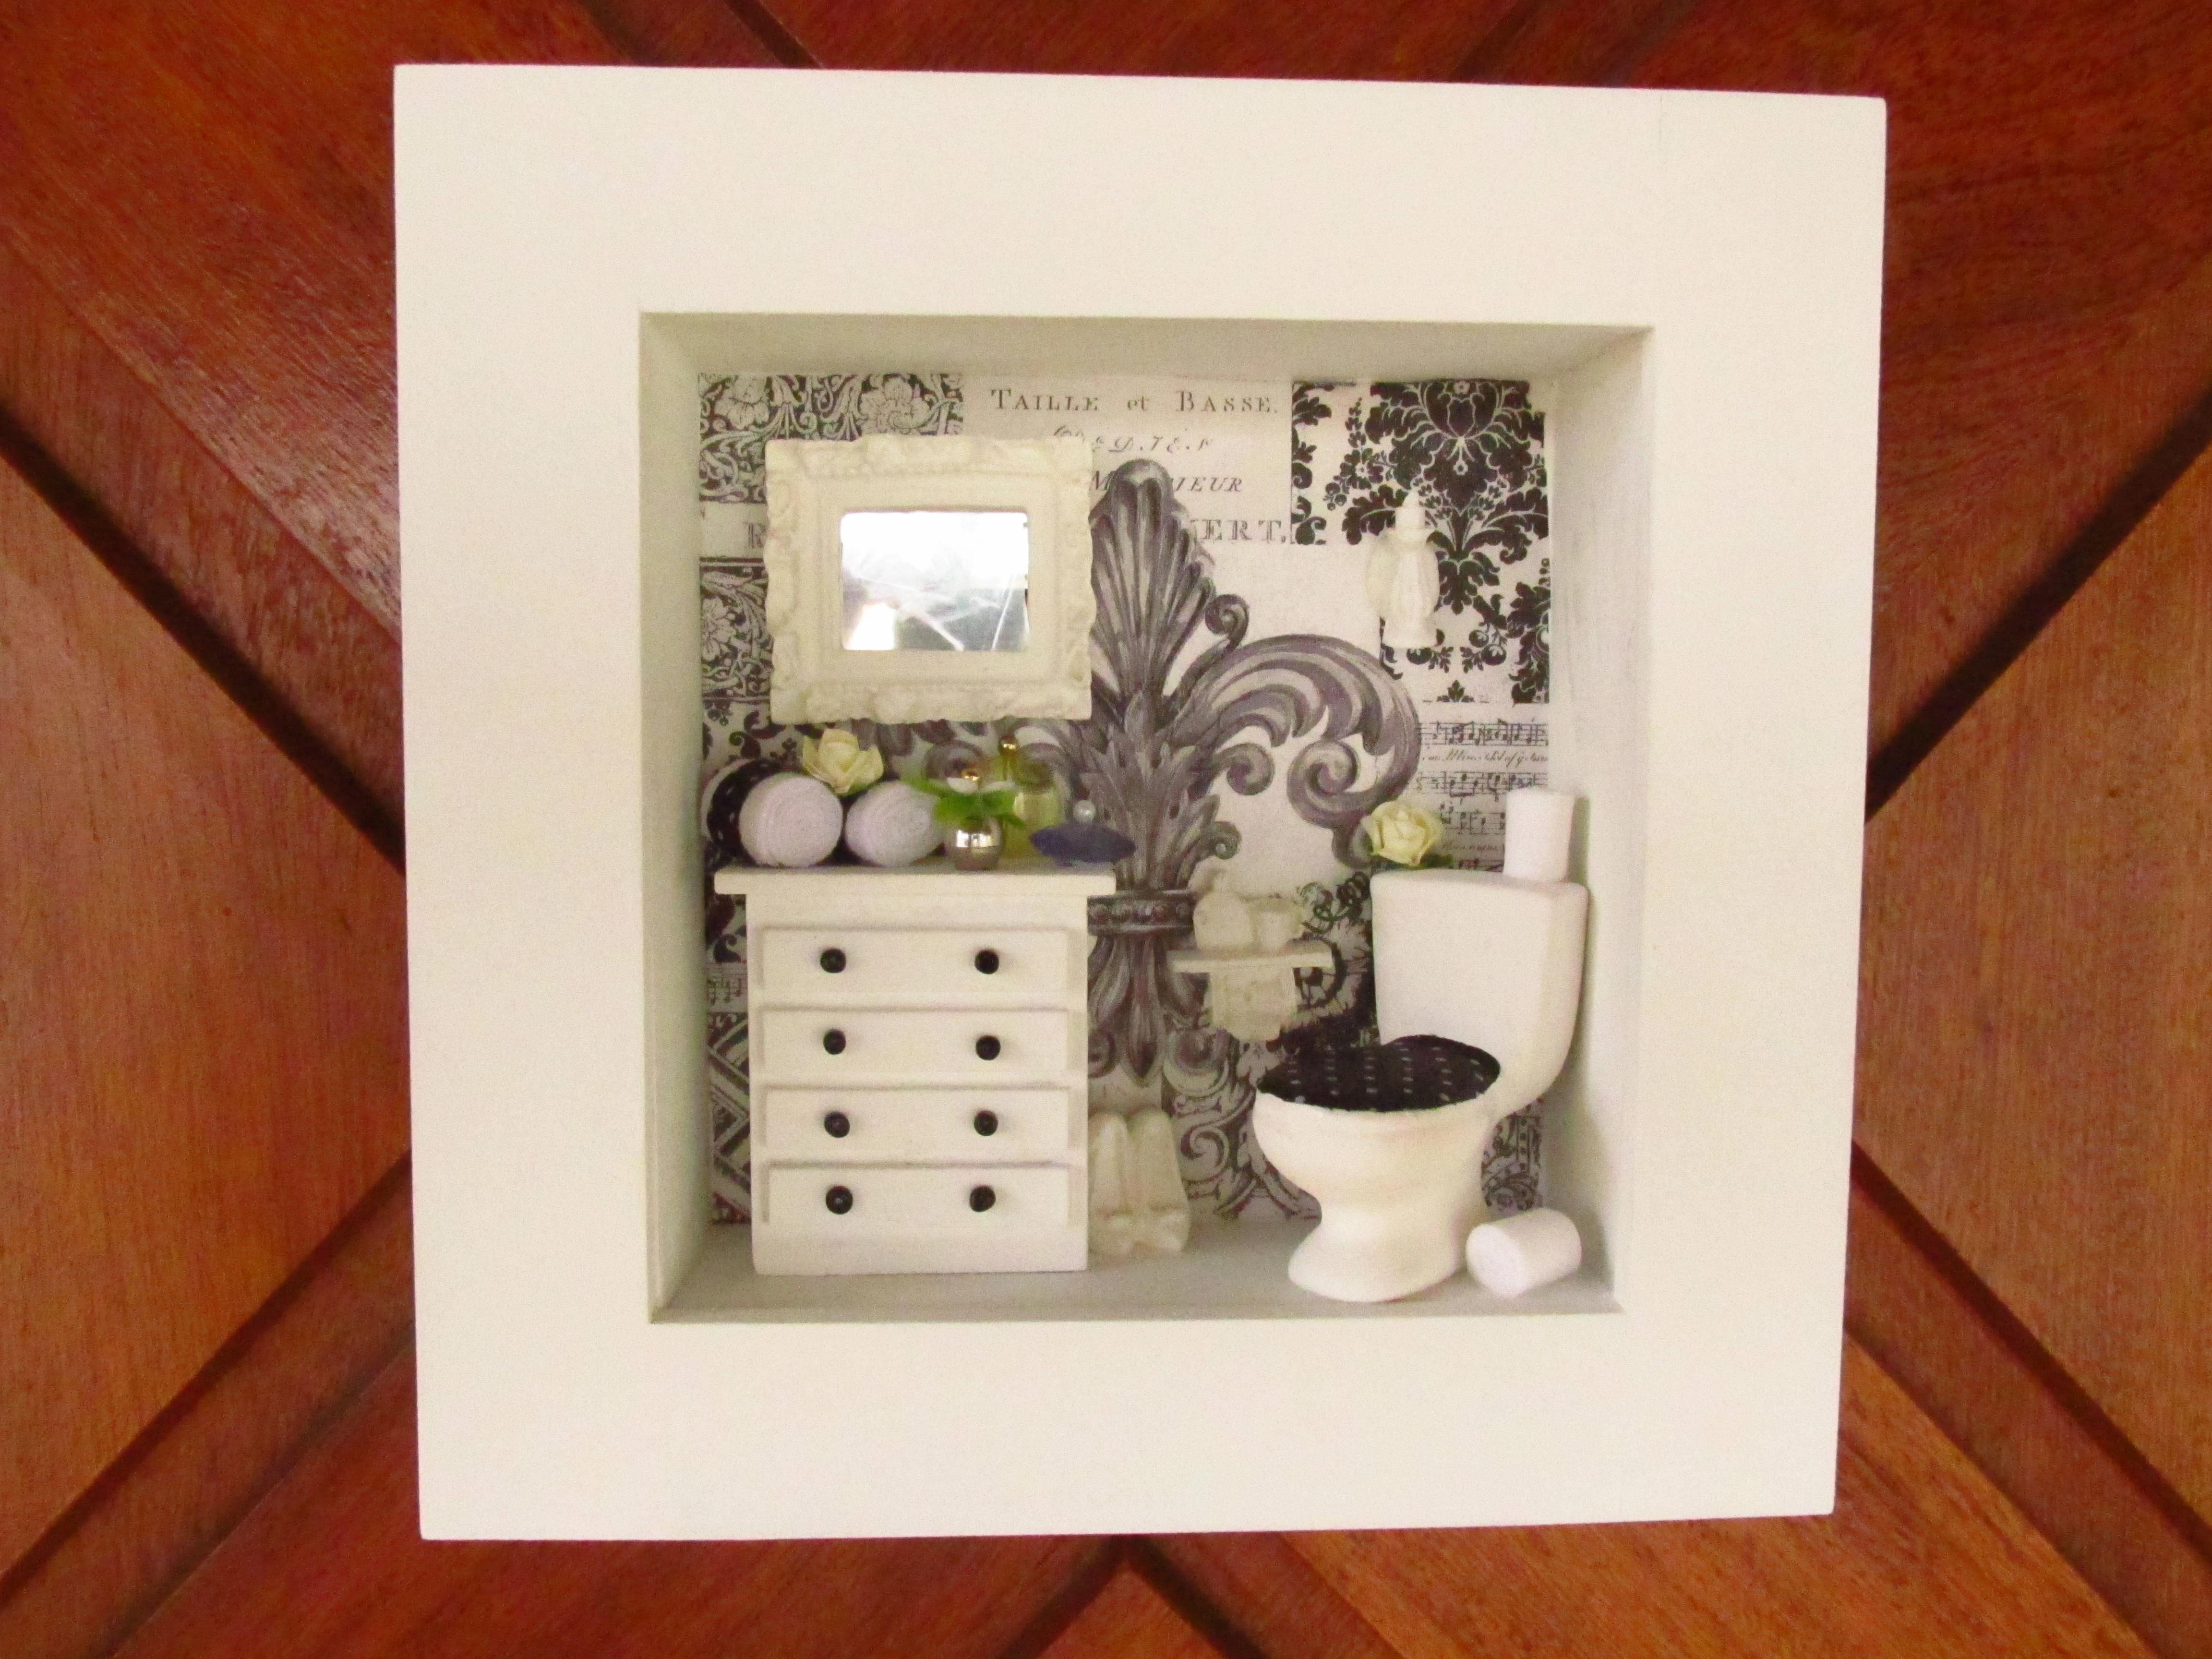 banheiro preto e branco armario miniatura banheiro preto e branco  #495F08 4608 3456